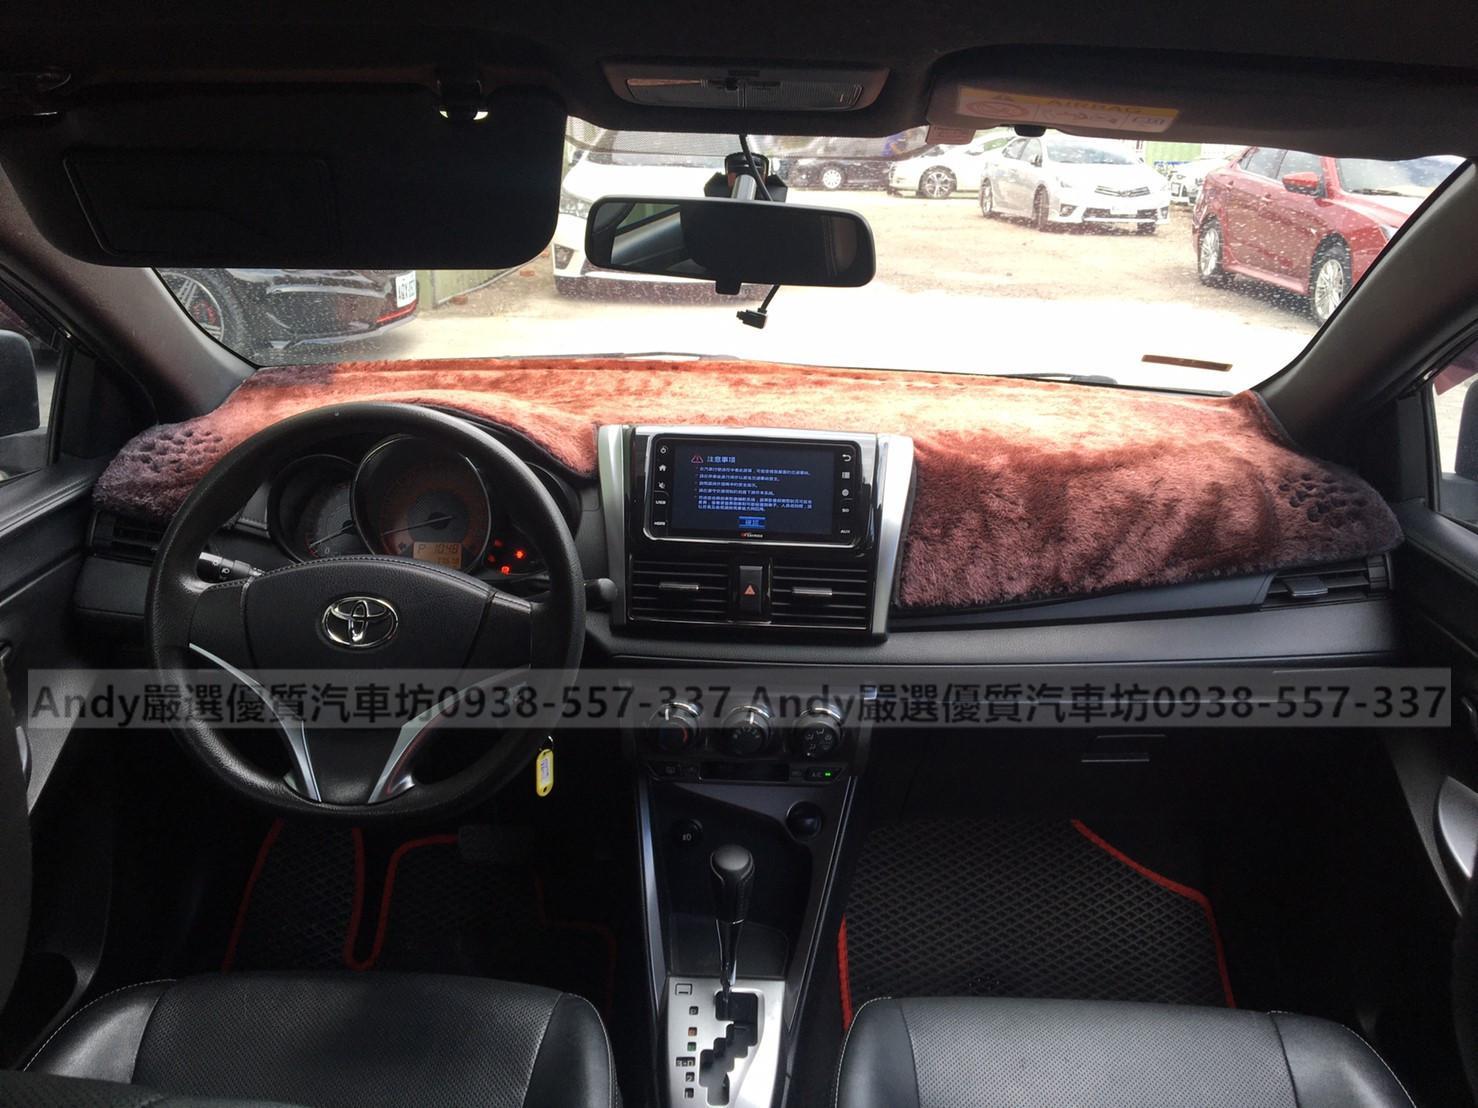 2015年 大鴨 黑 1.5E版 跑5萬 熱門車中古車二手車